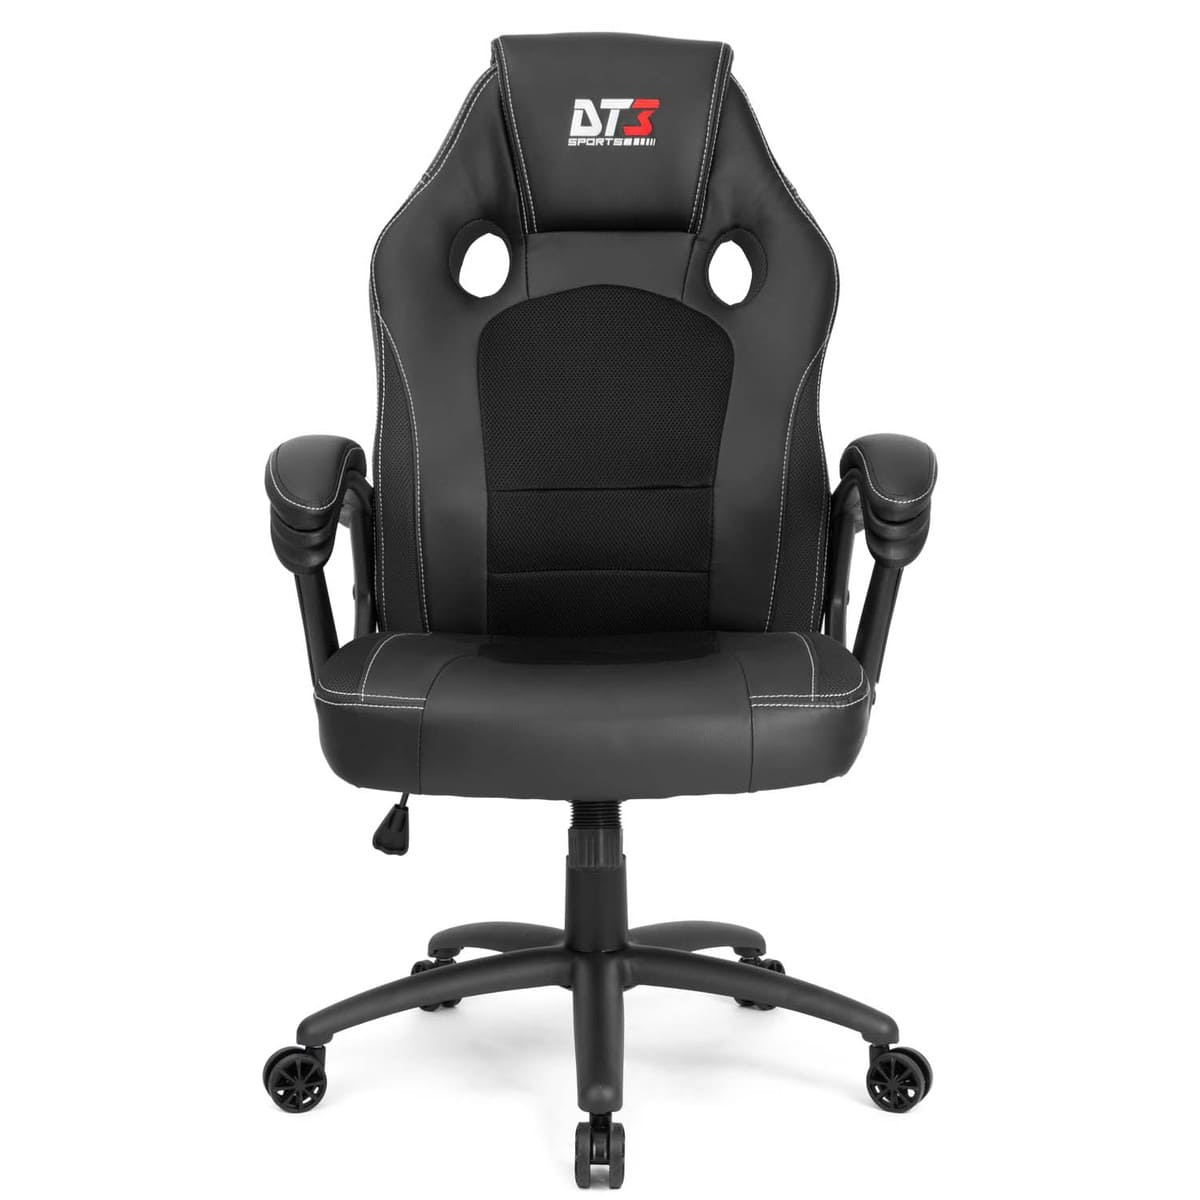 Cadeira de escritório Gamer DT3sports GT black Ergonômica